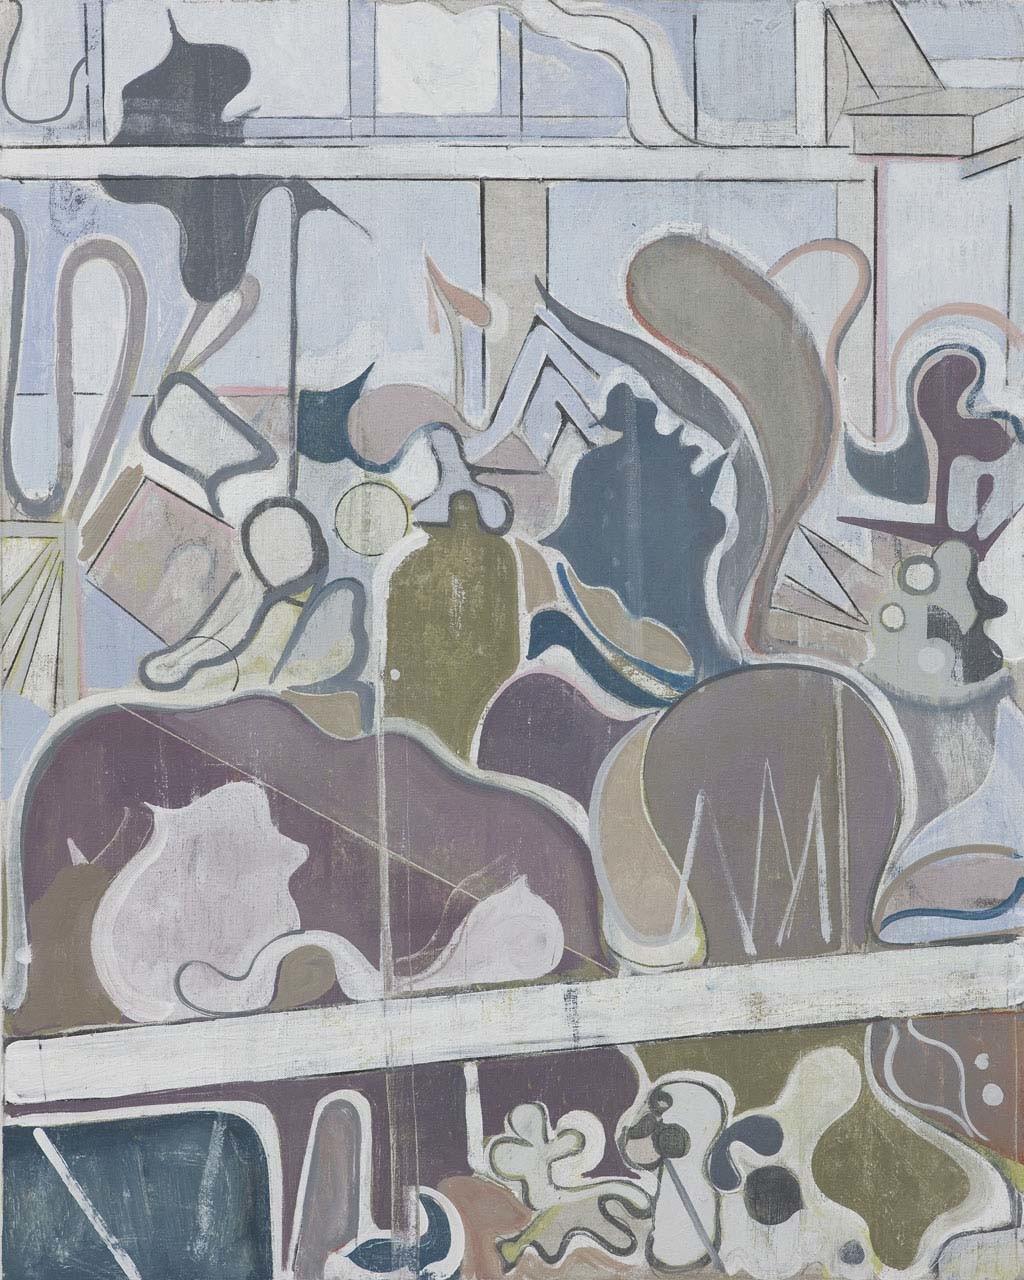 <p>Untitled (garden detail), 2008</p>